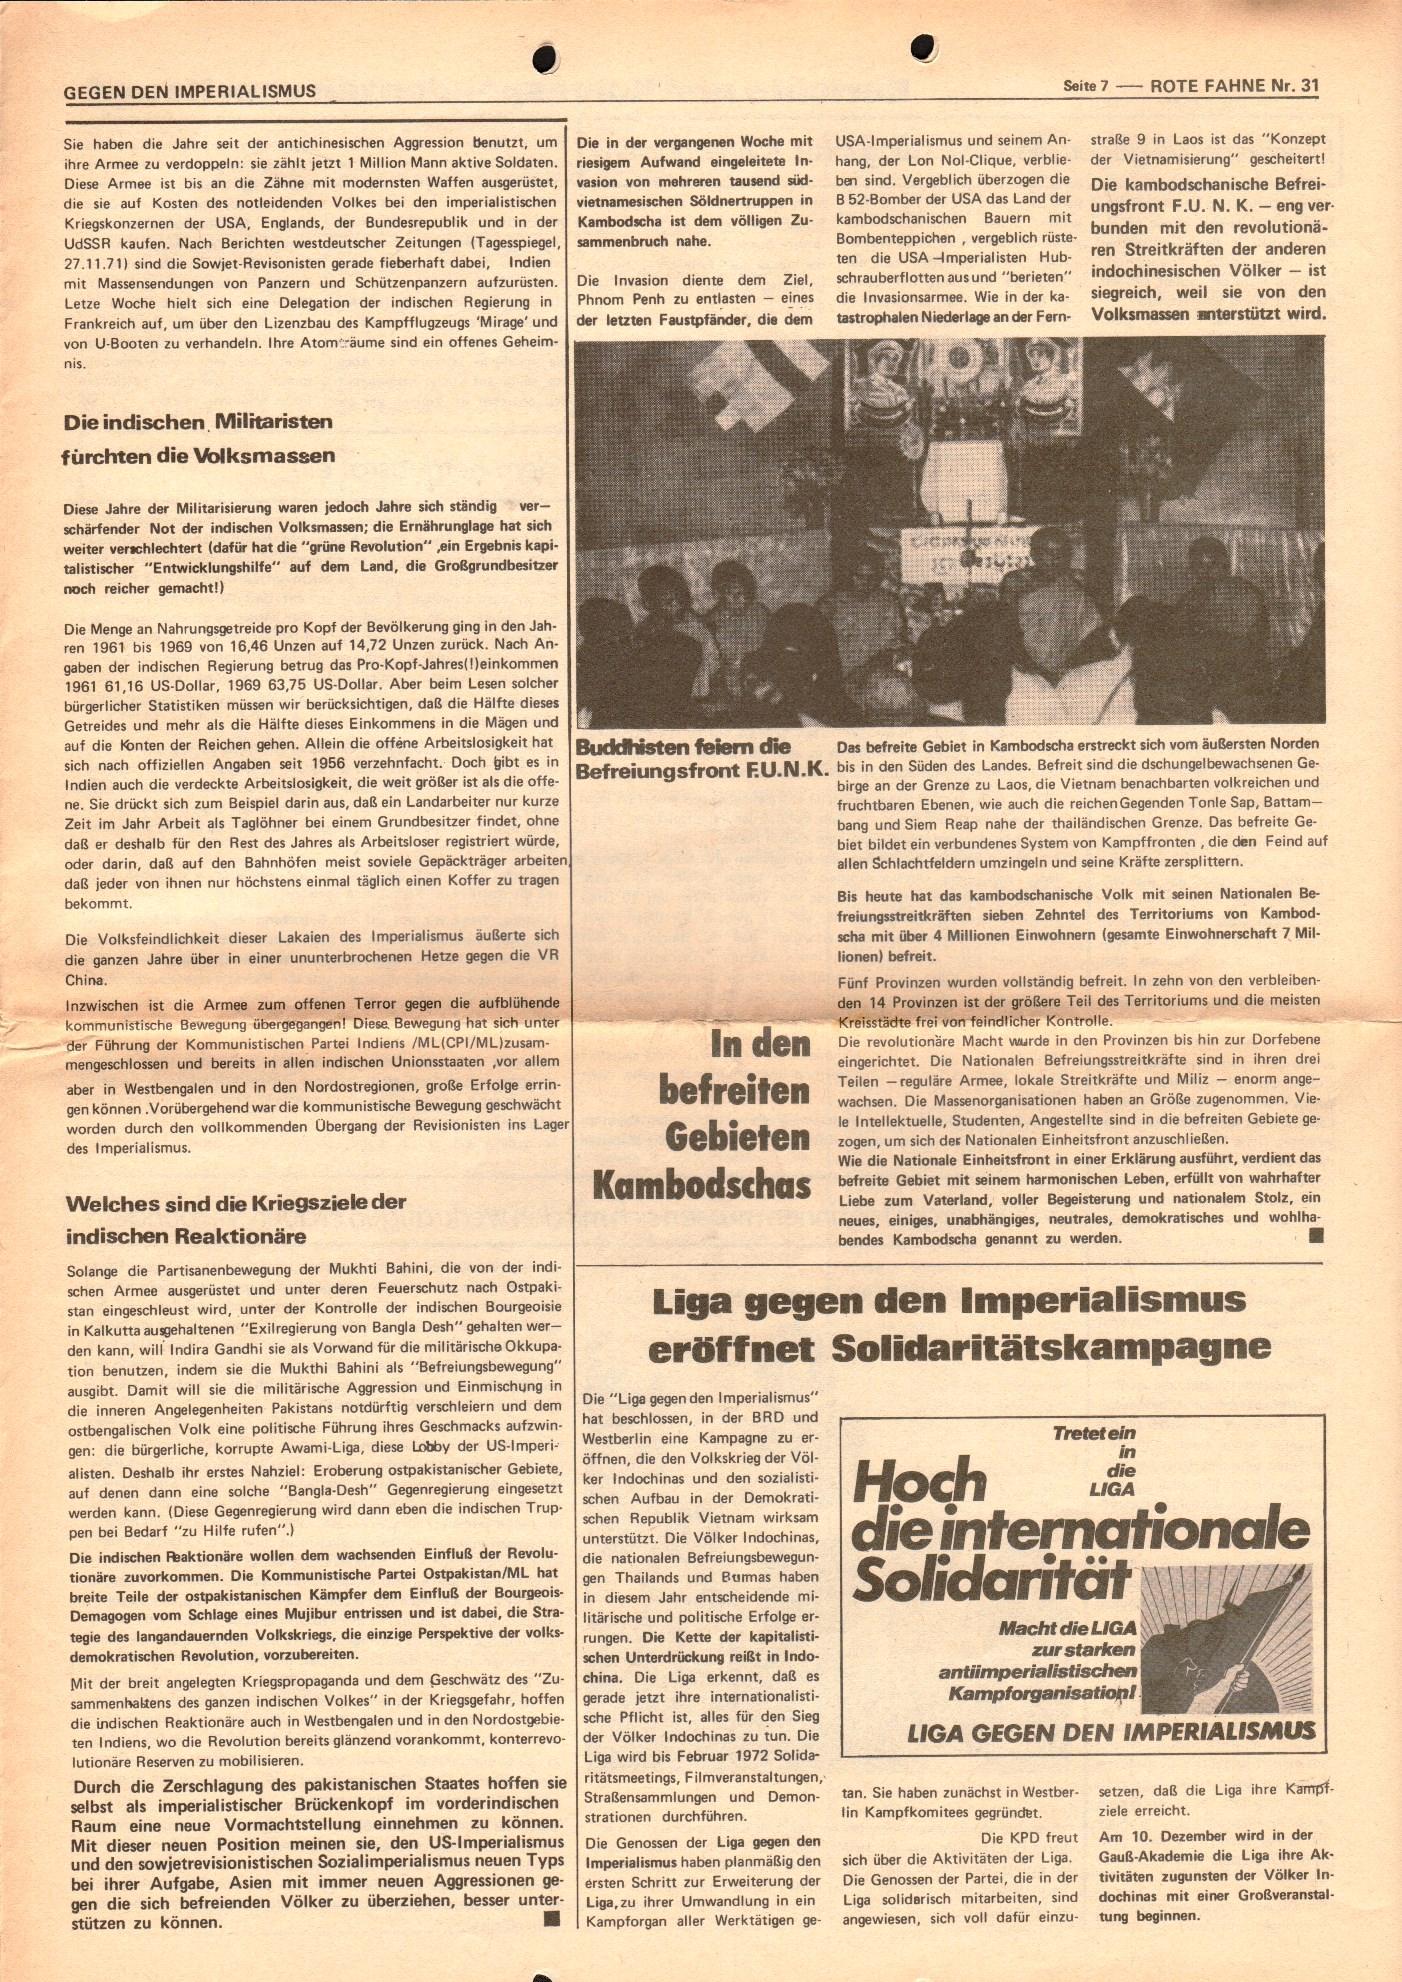 KPD_Rote_Fahne_1971_31_07